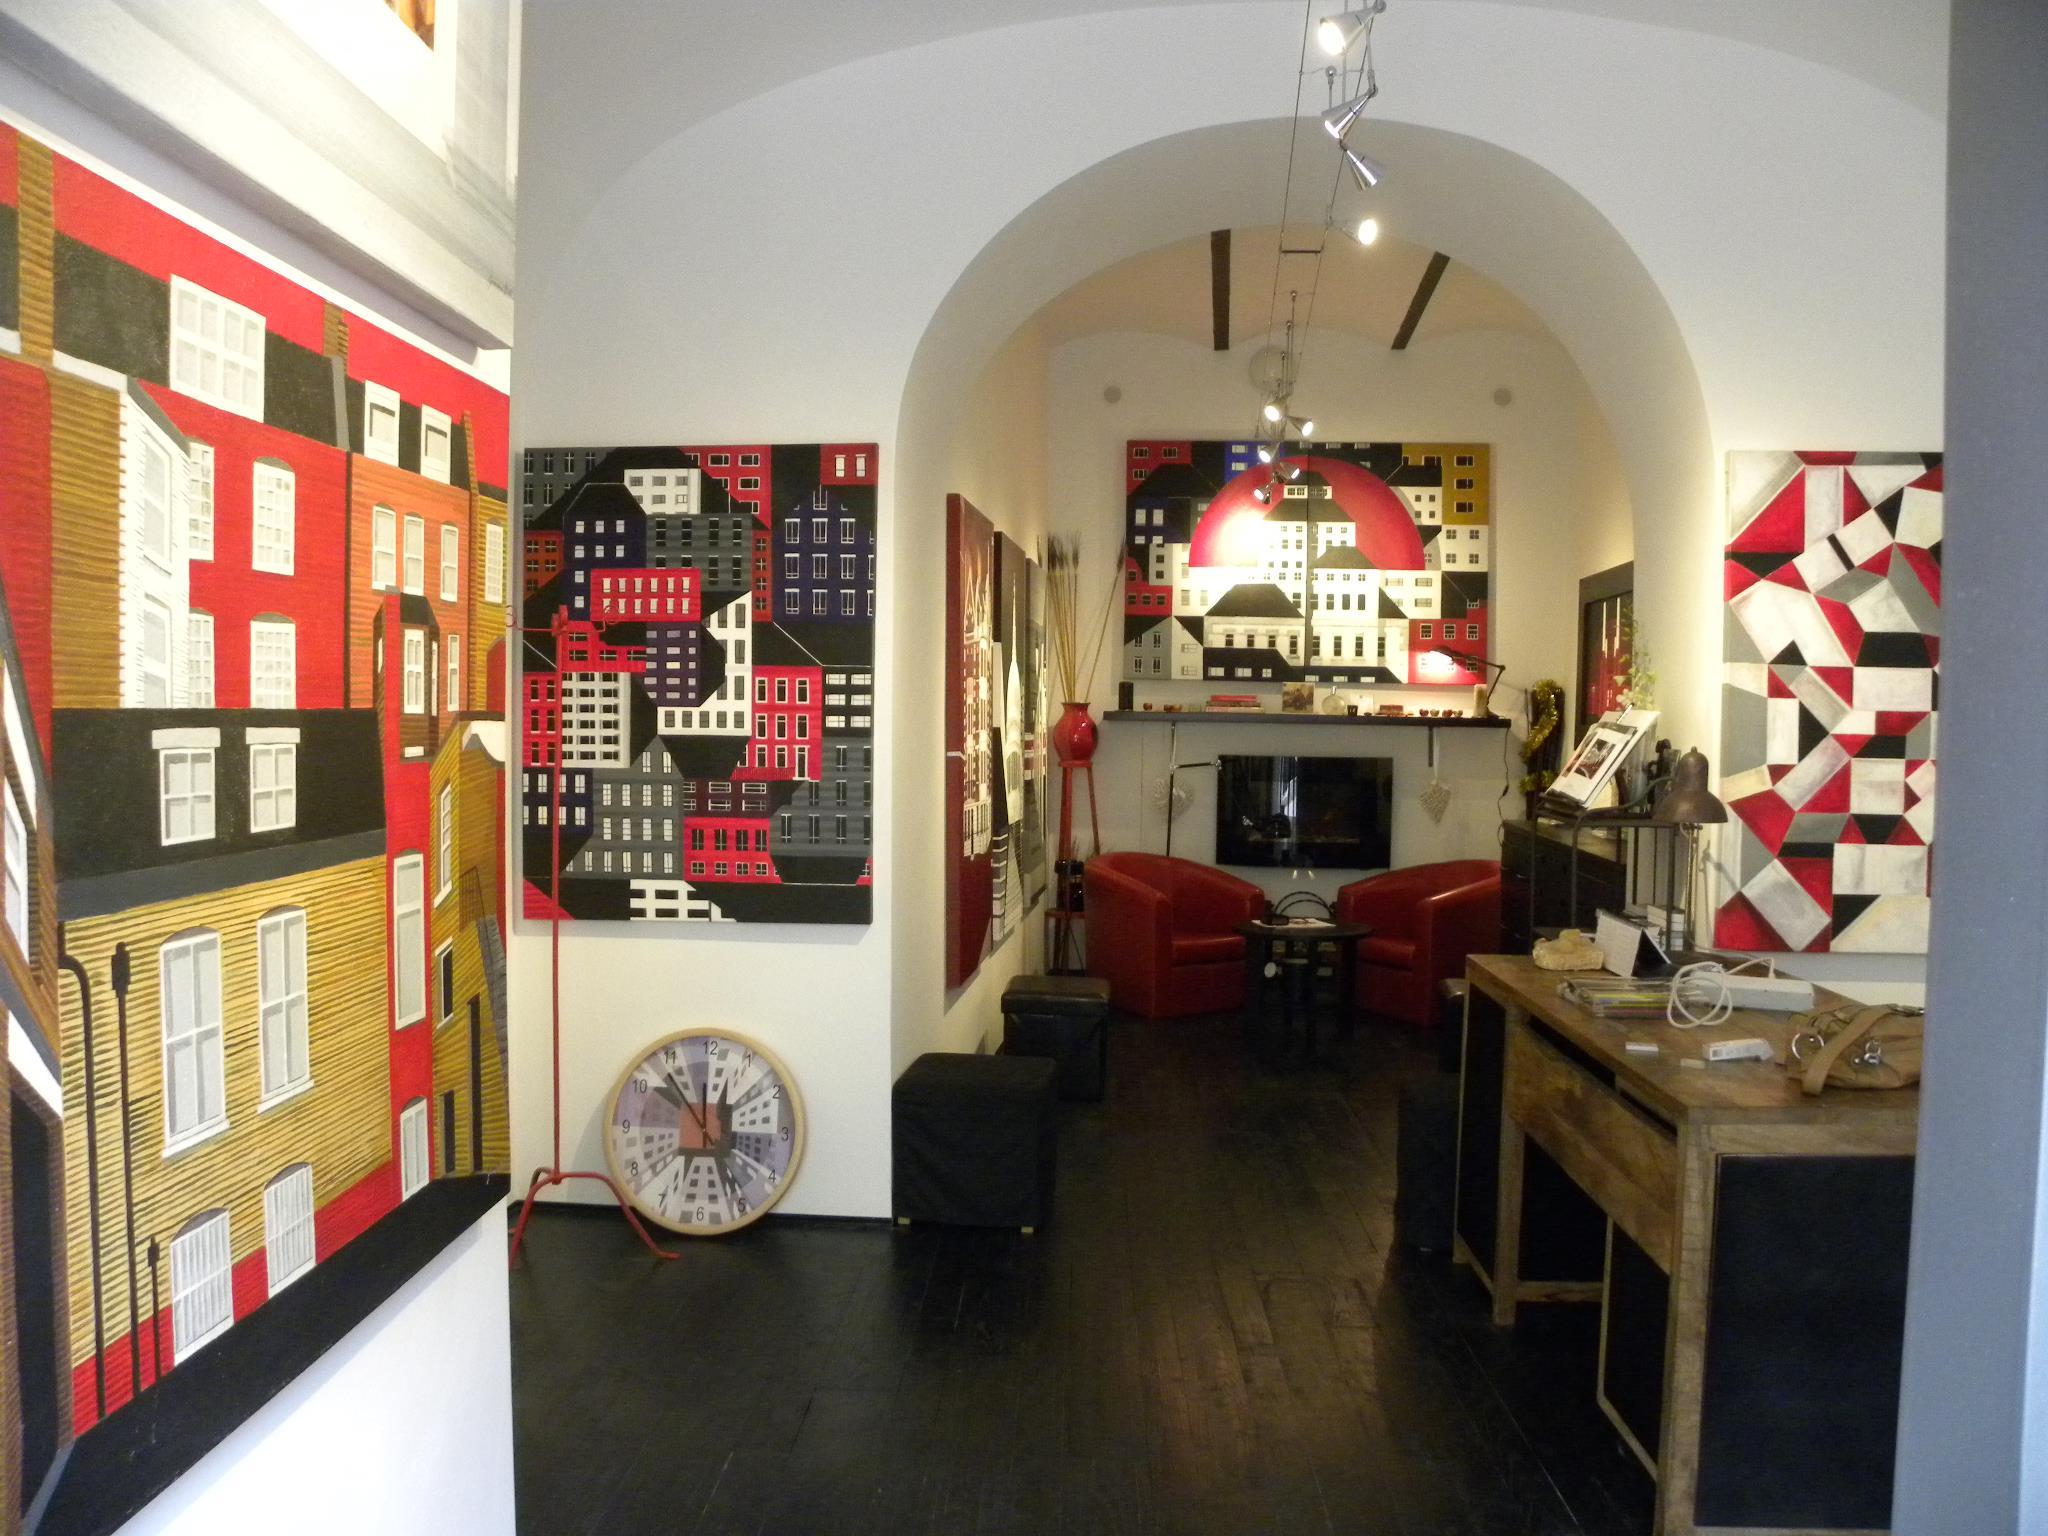 The Gallery of Gemma Detti